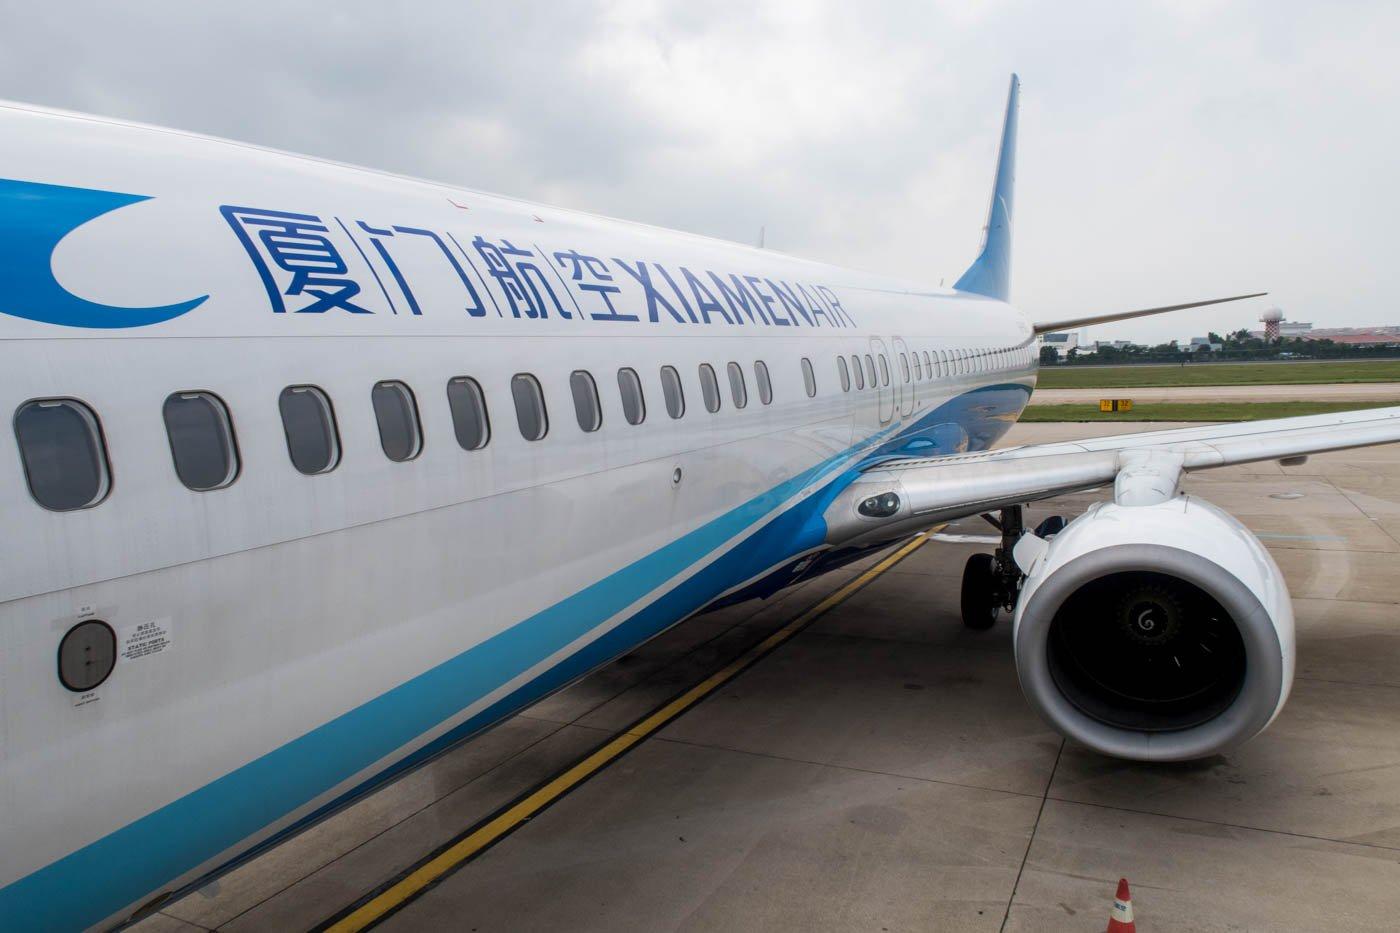 Xiamen Air Boeing 737-800